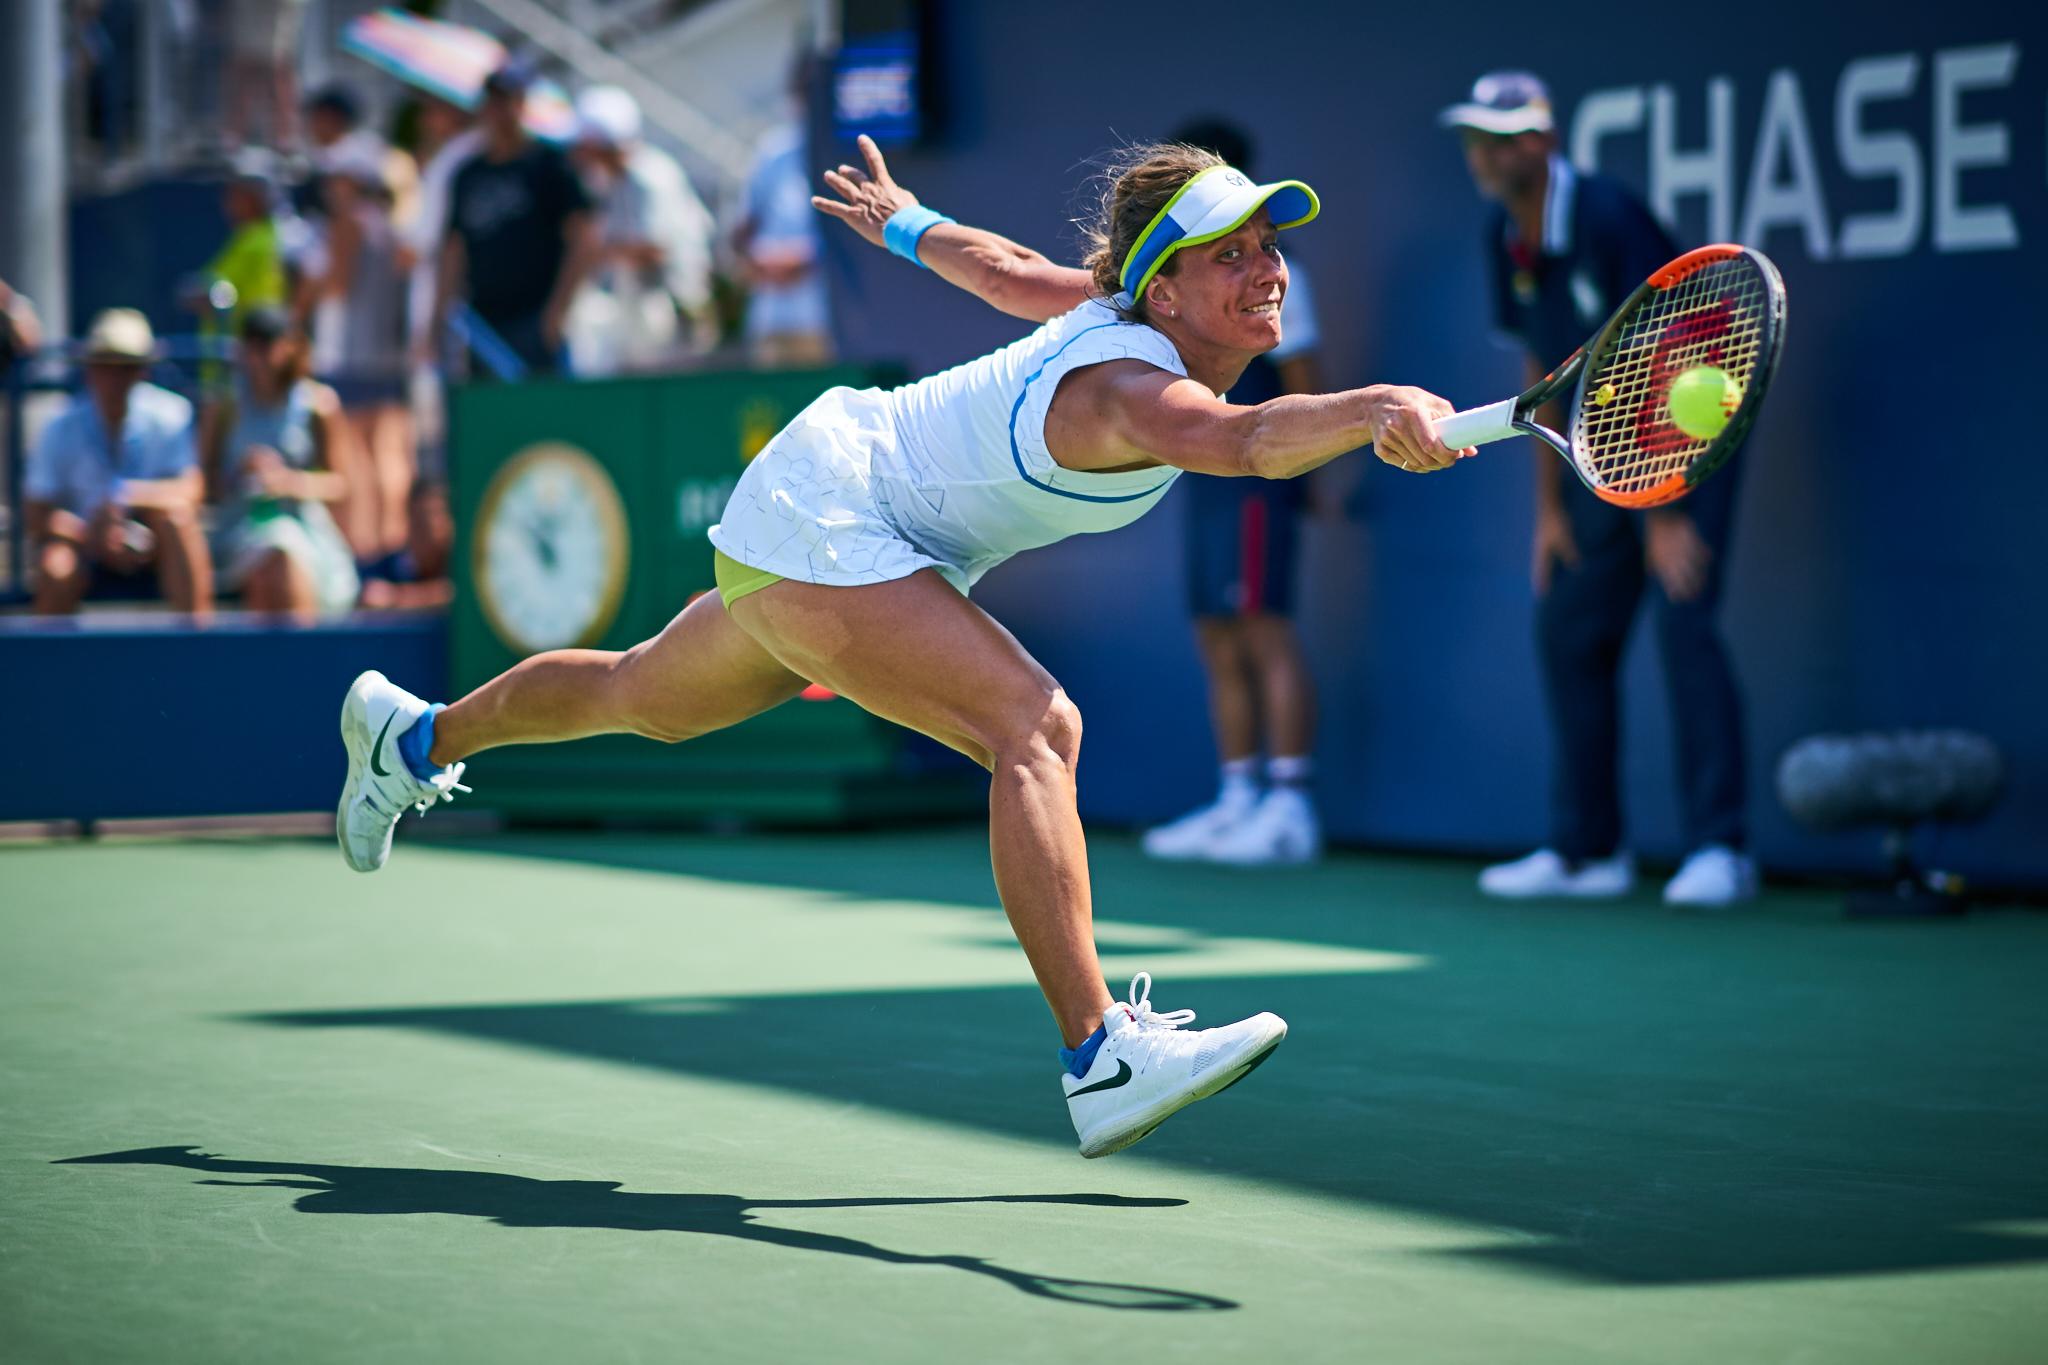 Barbora Strycova, Court 5, 2nd round Women's Singles  Sony A9, Sony 85mm f1.4 GM